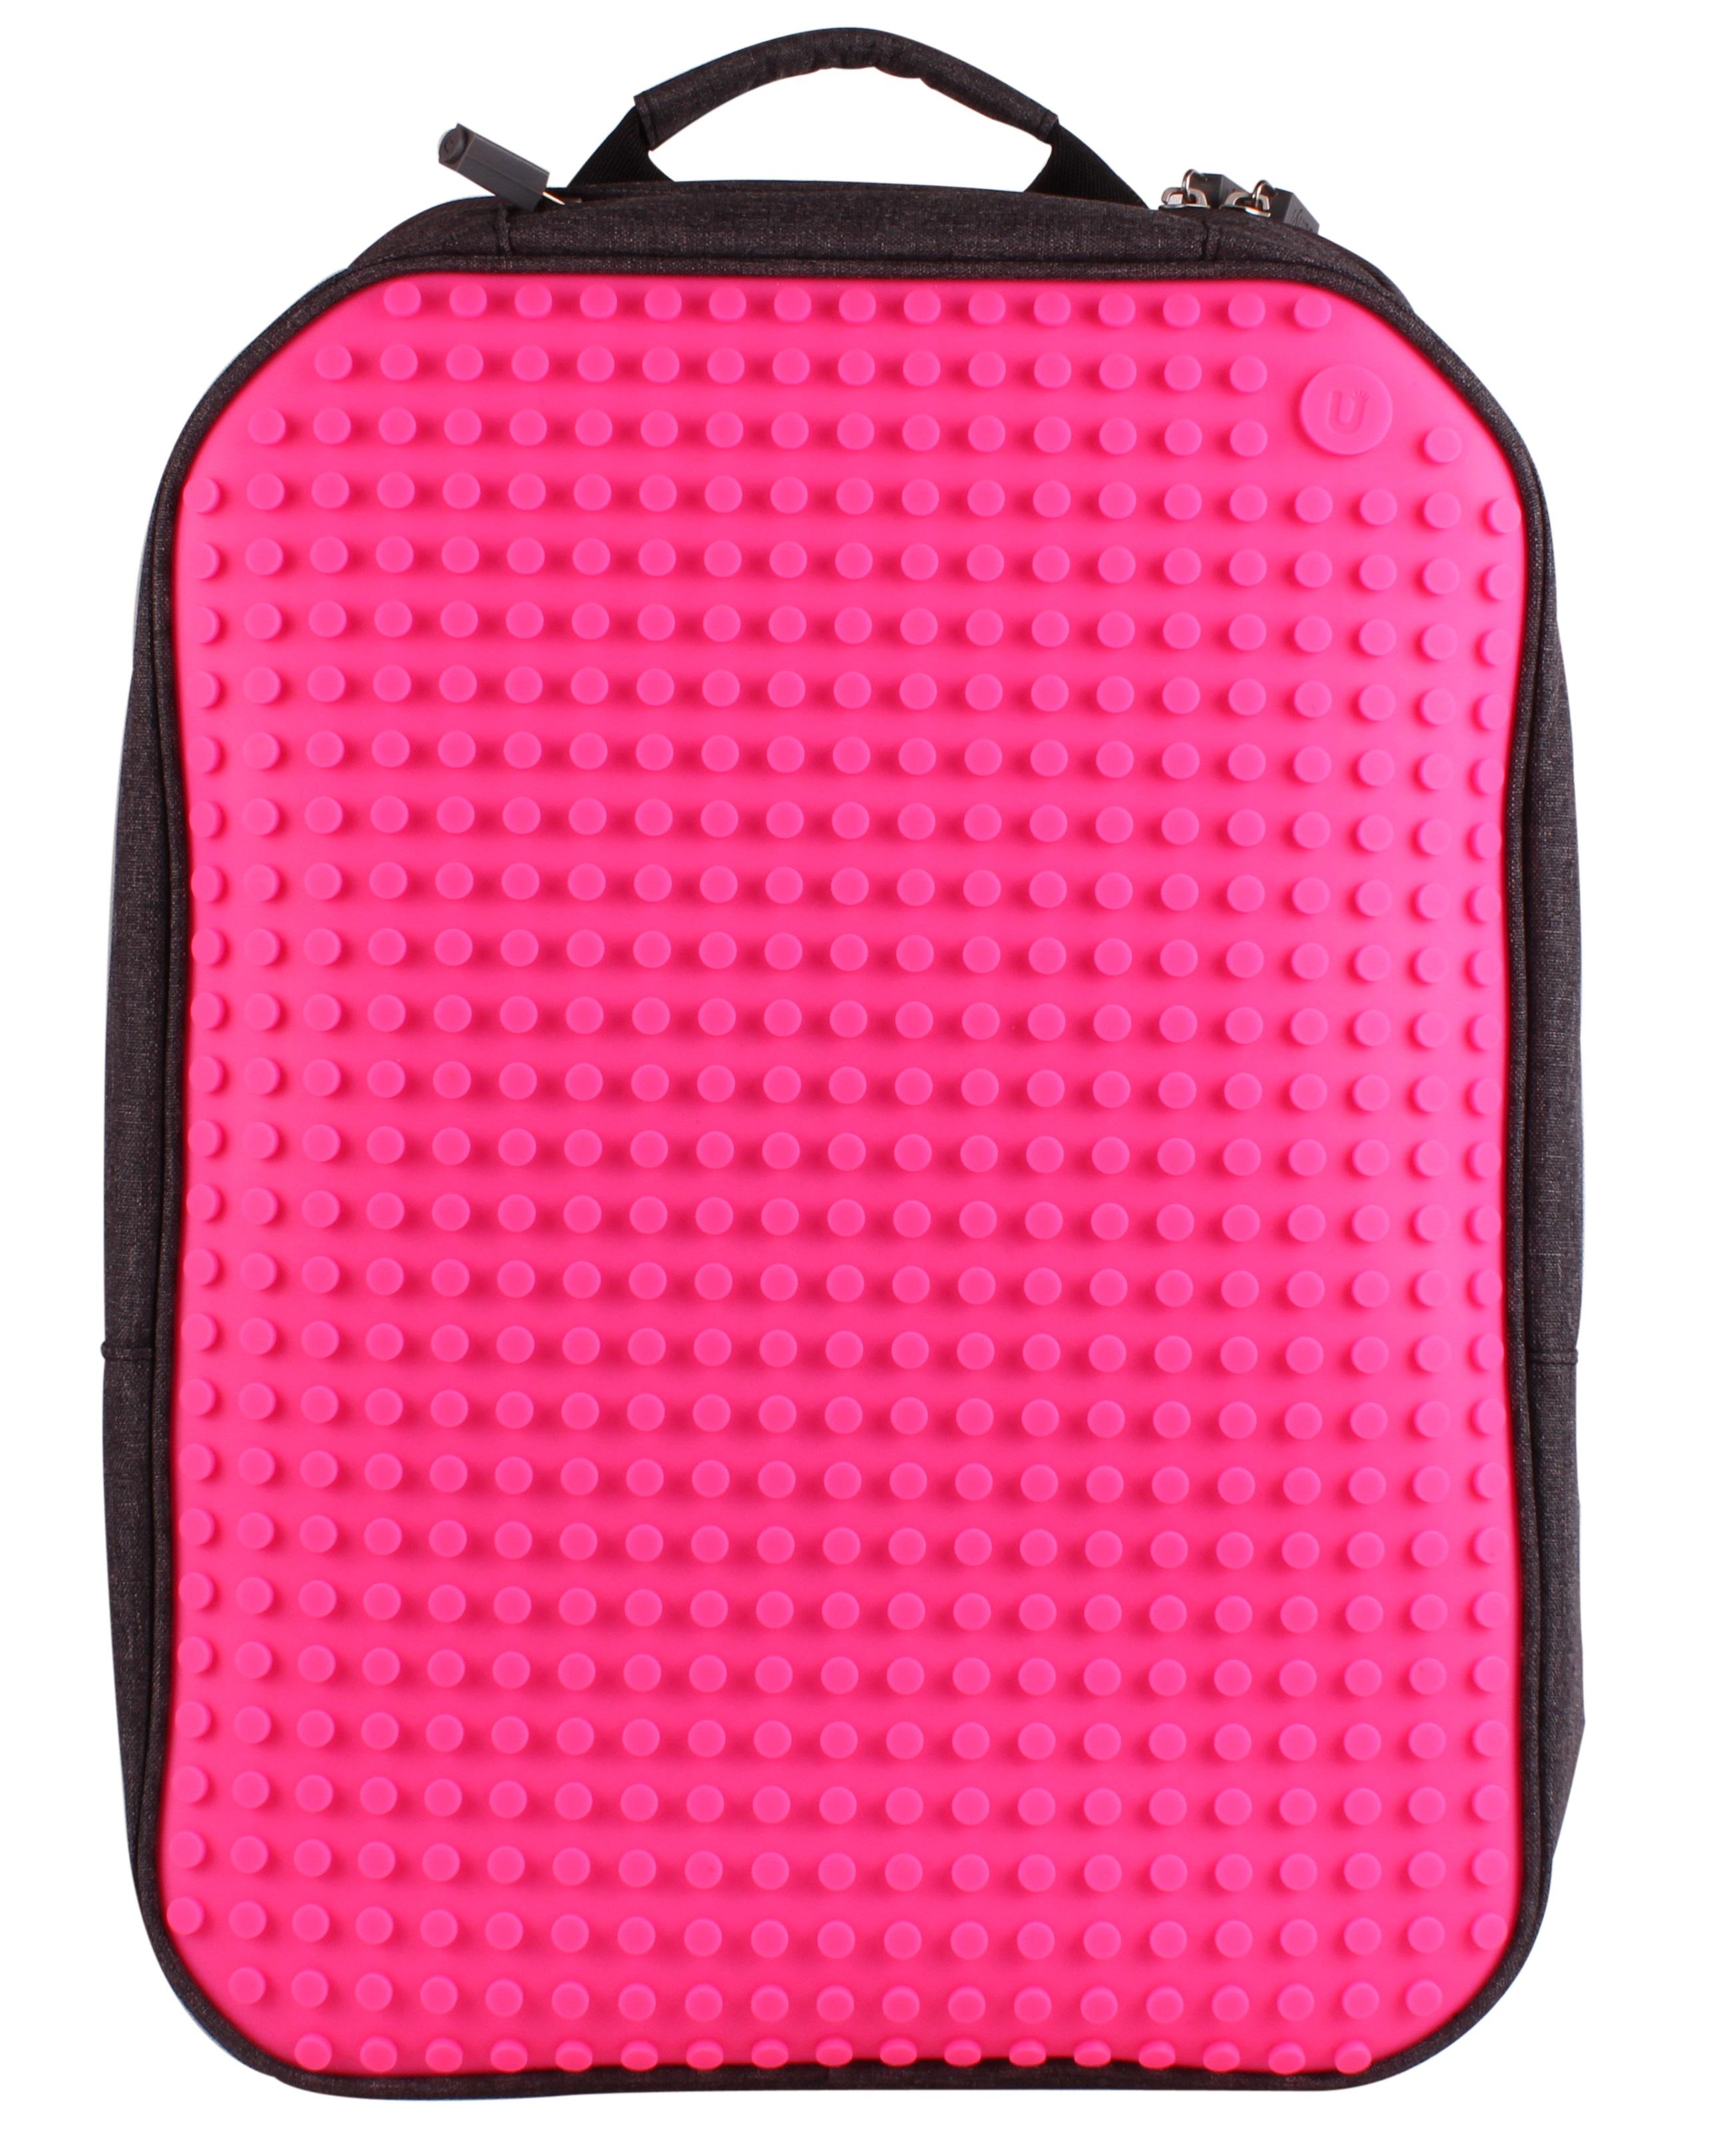 Большой пиксельный рюкзак с ортопедической спинкой (Canvas classic pixel Backpack) WY-A001 (Фуксия)Представляем вашему вниманию большой пиксельный рюкзак с ортопедической спинкой (Canvas classic pixel Backpack) WY-A001, имеющий силиконовую панель, на которой с помощью «пикселей» в виде мозаики выкладывается абсолютно любой рисунок.<br>